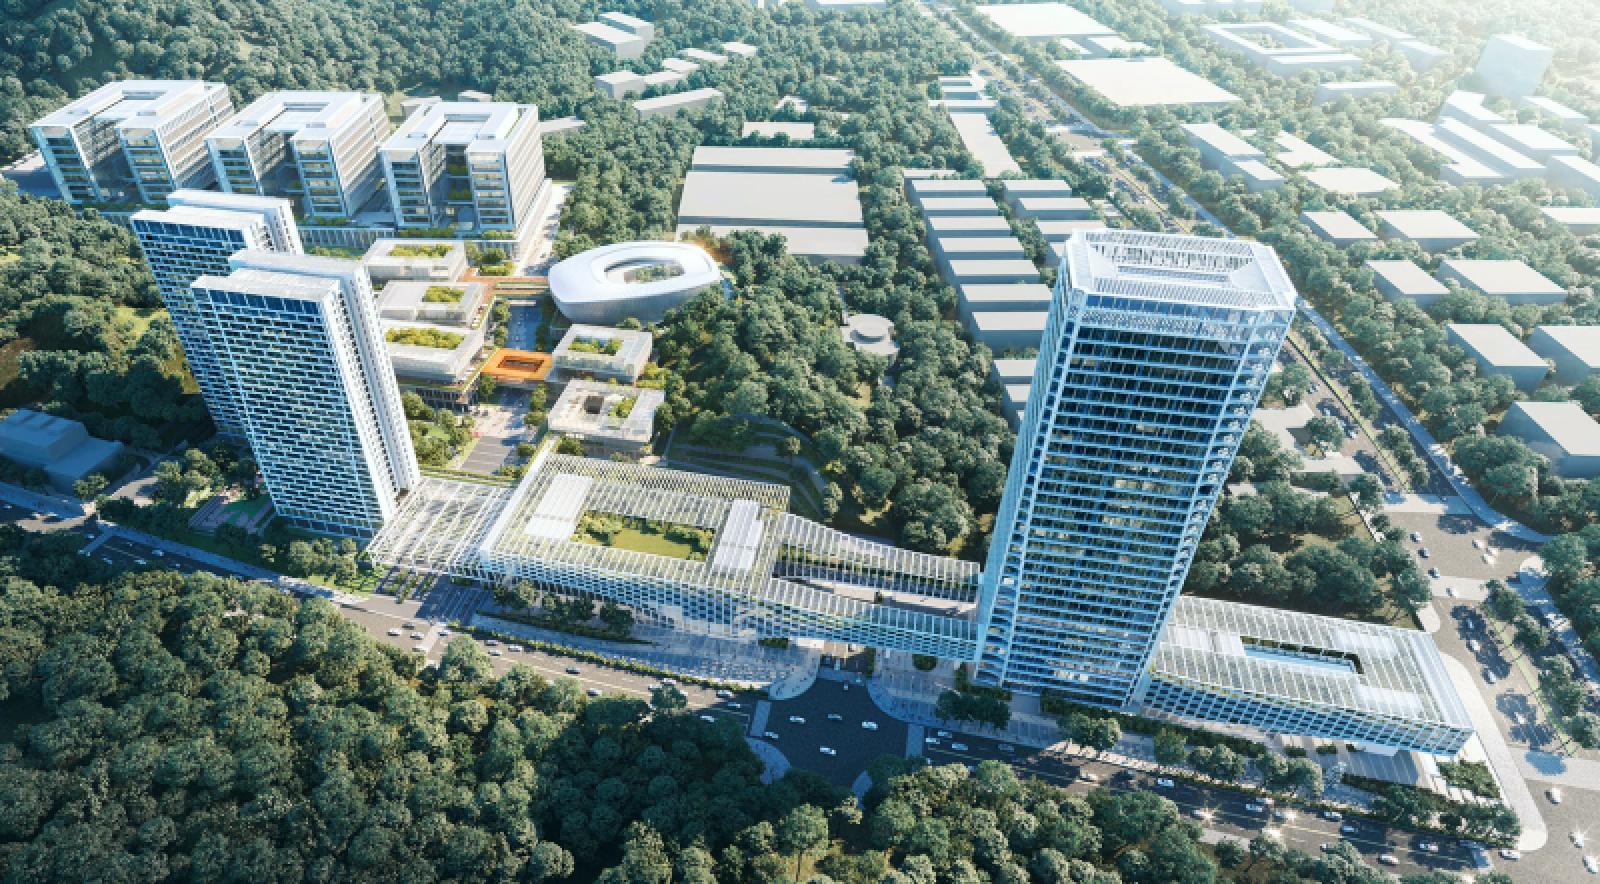 Shenzhen Pengcheng Laboratory